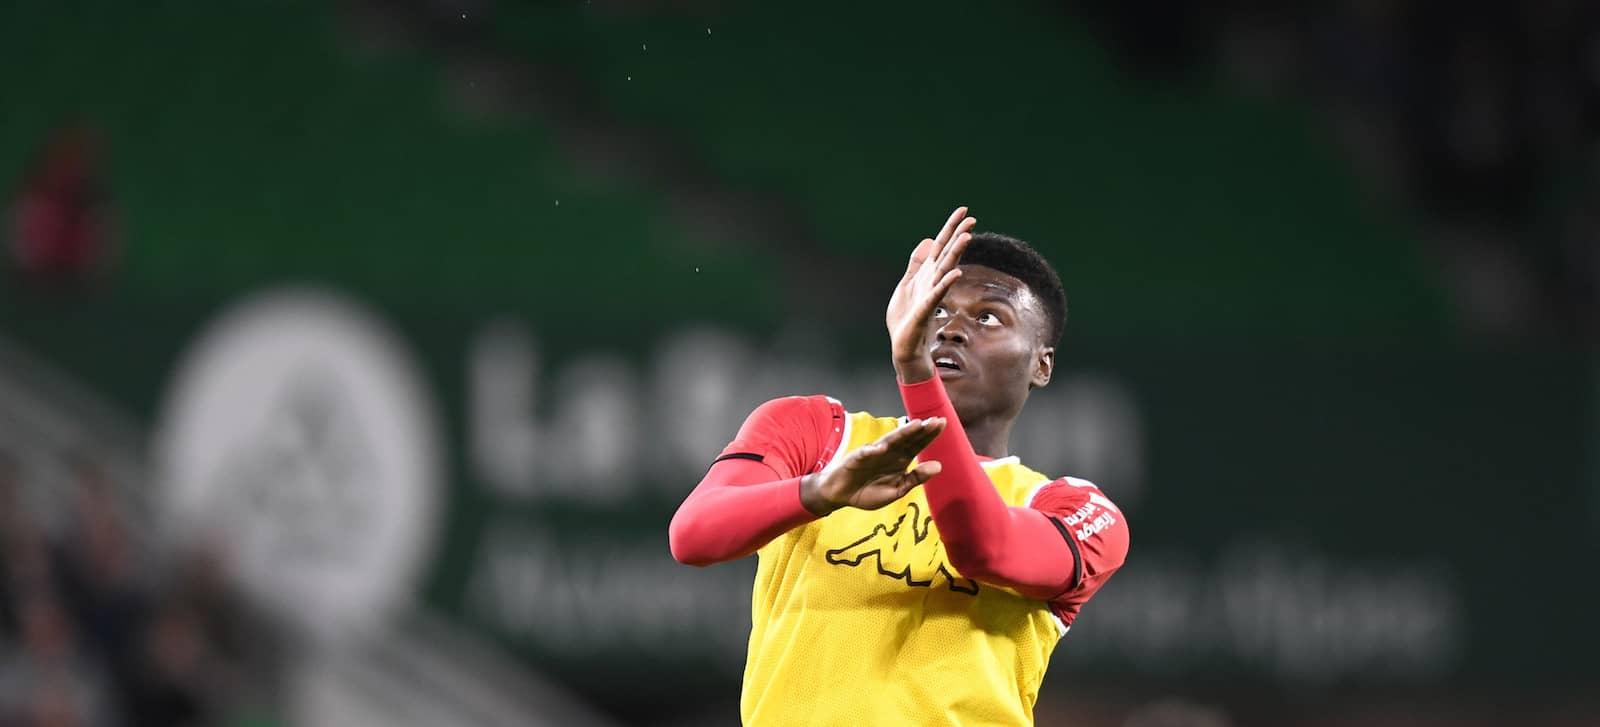 Manchester United approach AS Monaco over Benoit Badiashile